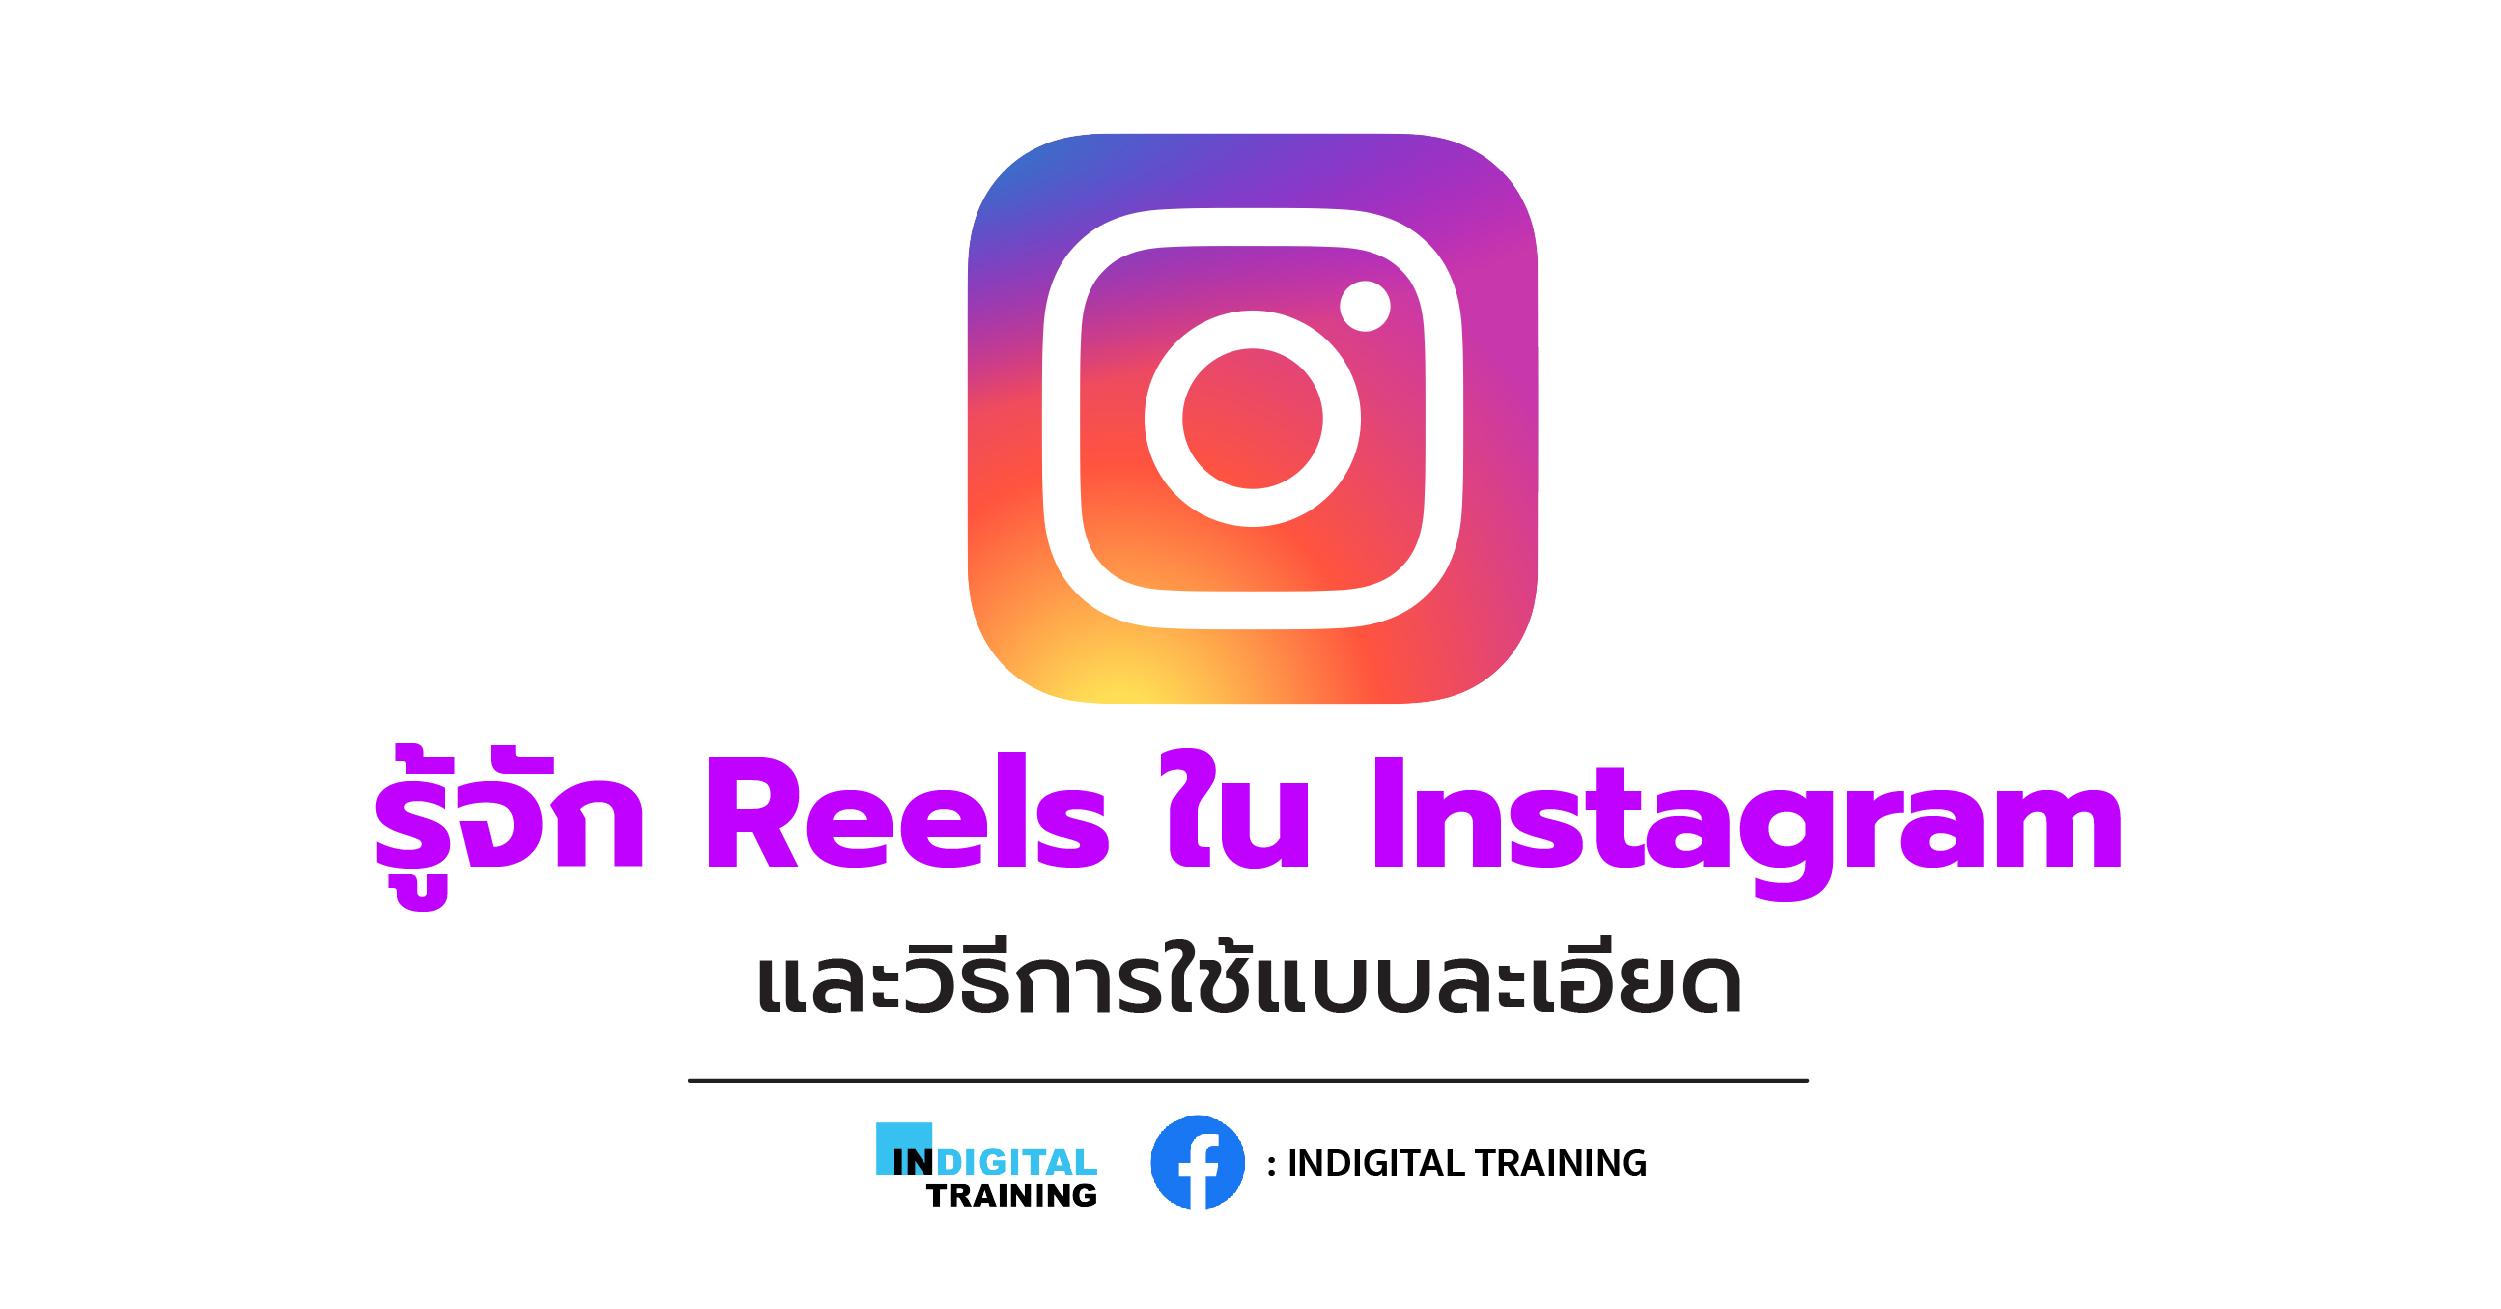 รู้จัก Reels ใน Instagram และวิธีการใช้แบบละเอียด